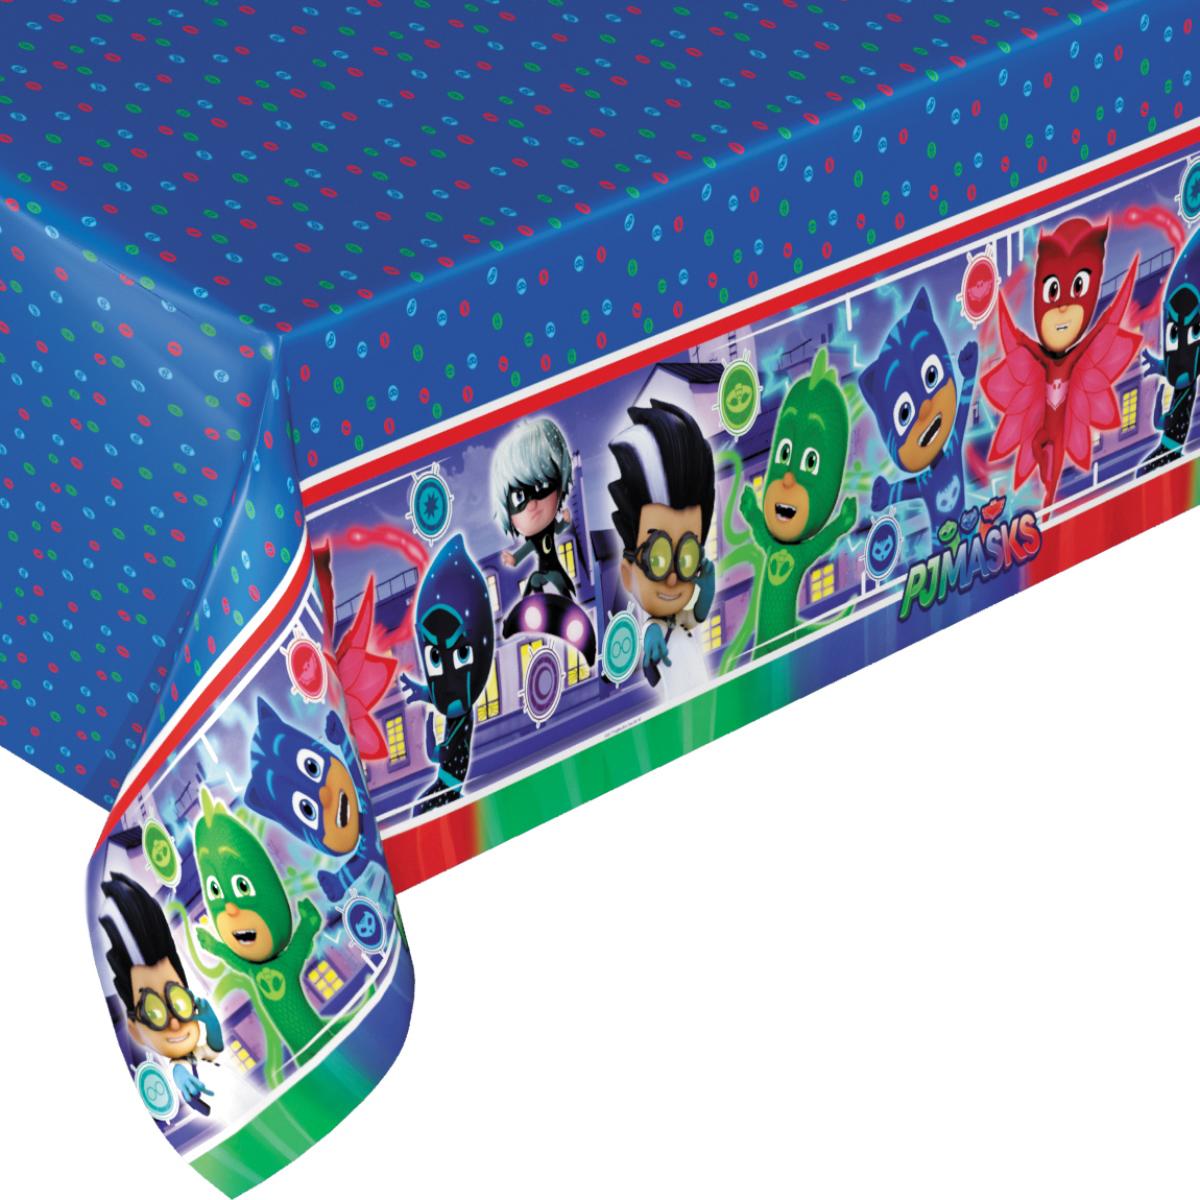 """Красивая и практичная полиэтиленовая скатерть """"Герои в масках"""" (133х183 см) стильно украсит праздничный стол и сохранит его в чистоте. Желаете оформить детский праздник в единой стилистике? Тогда вы можете выбрать другие товары для праздника из этой серии. Товар сертифицирован. Упаковка - пакет с хедером."""